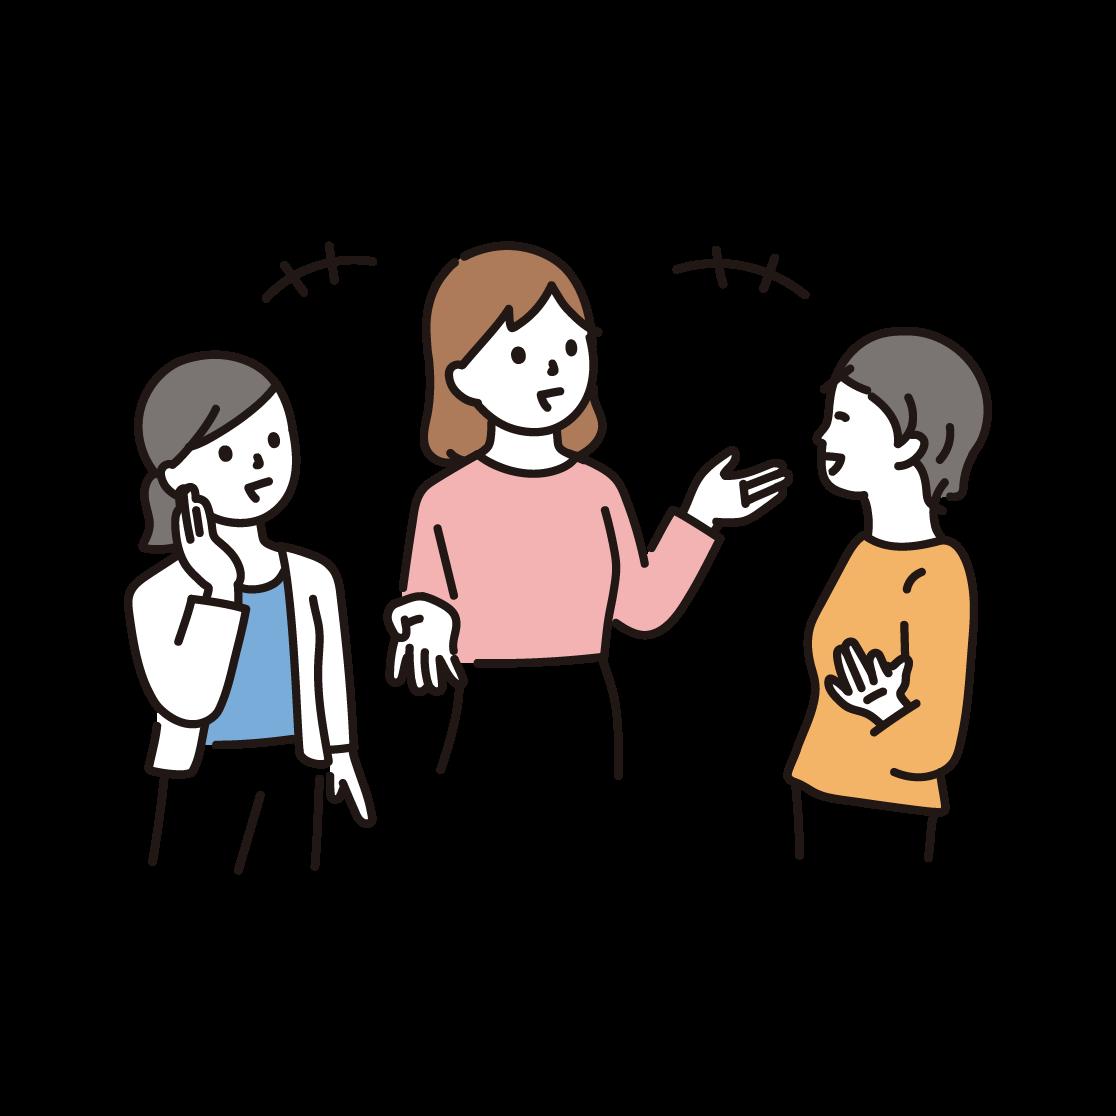 笑い合う3人の女性